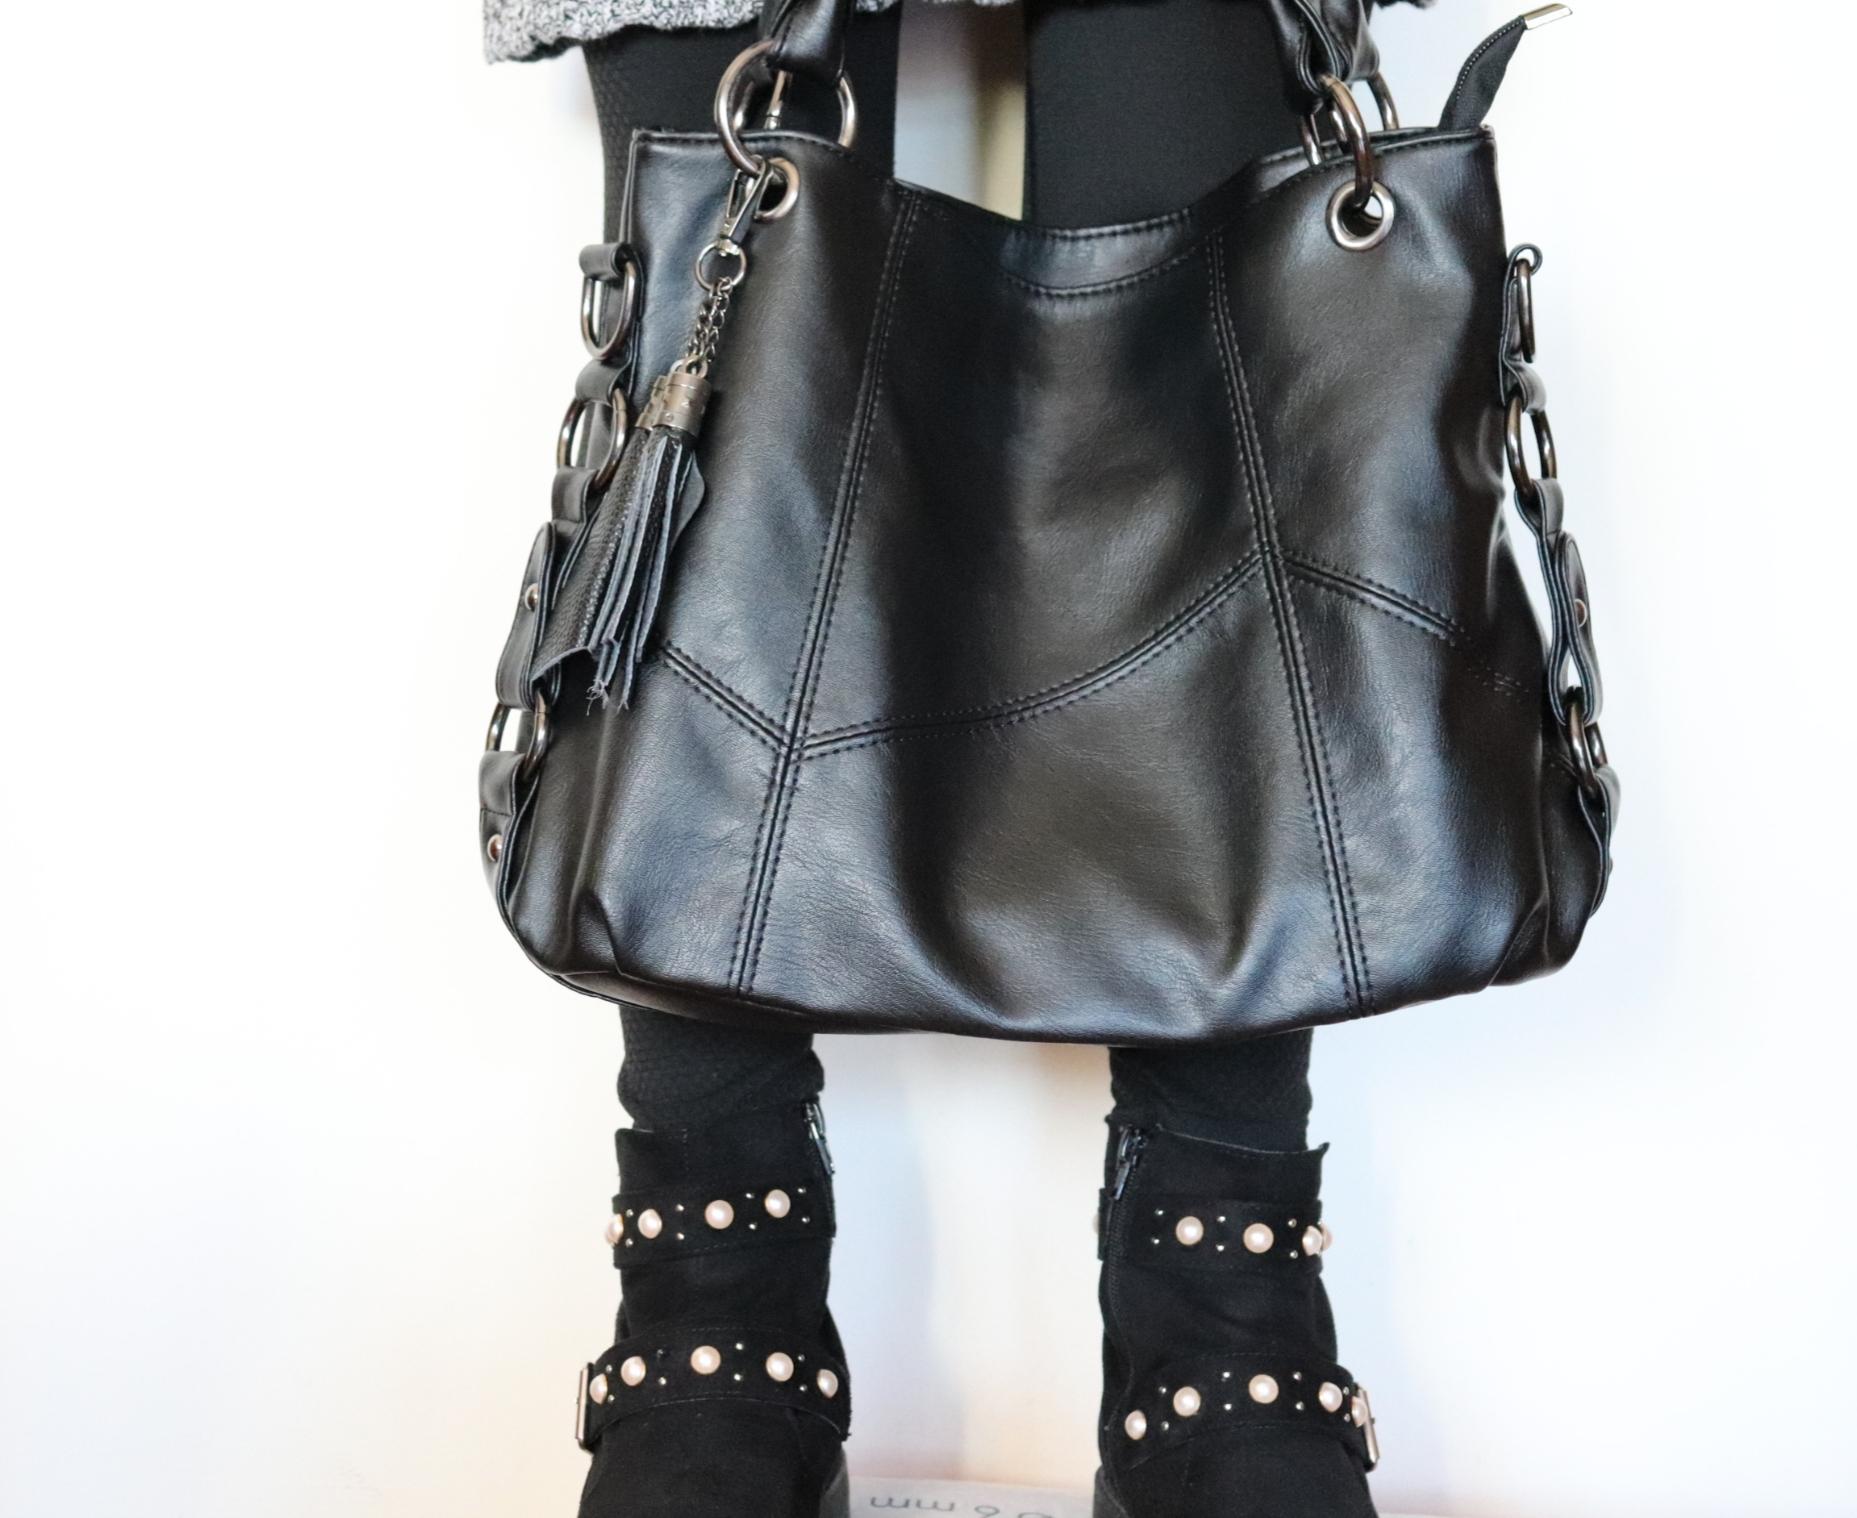 borsa, borsa a tracolla, borsa nera, borsa donna, rosegal, bag